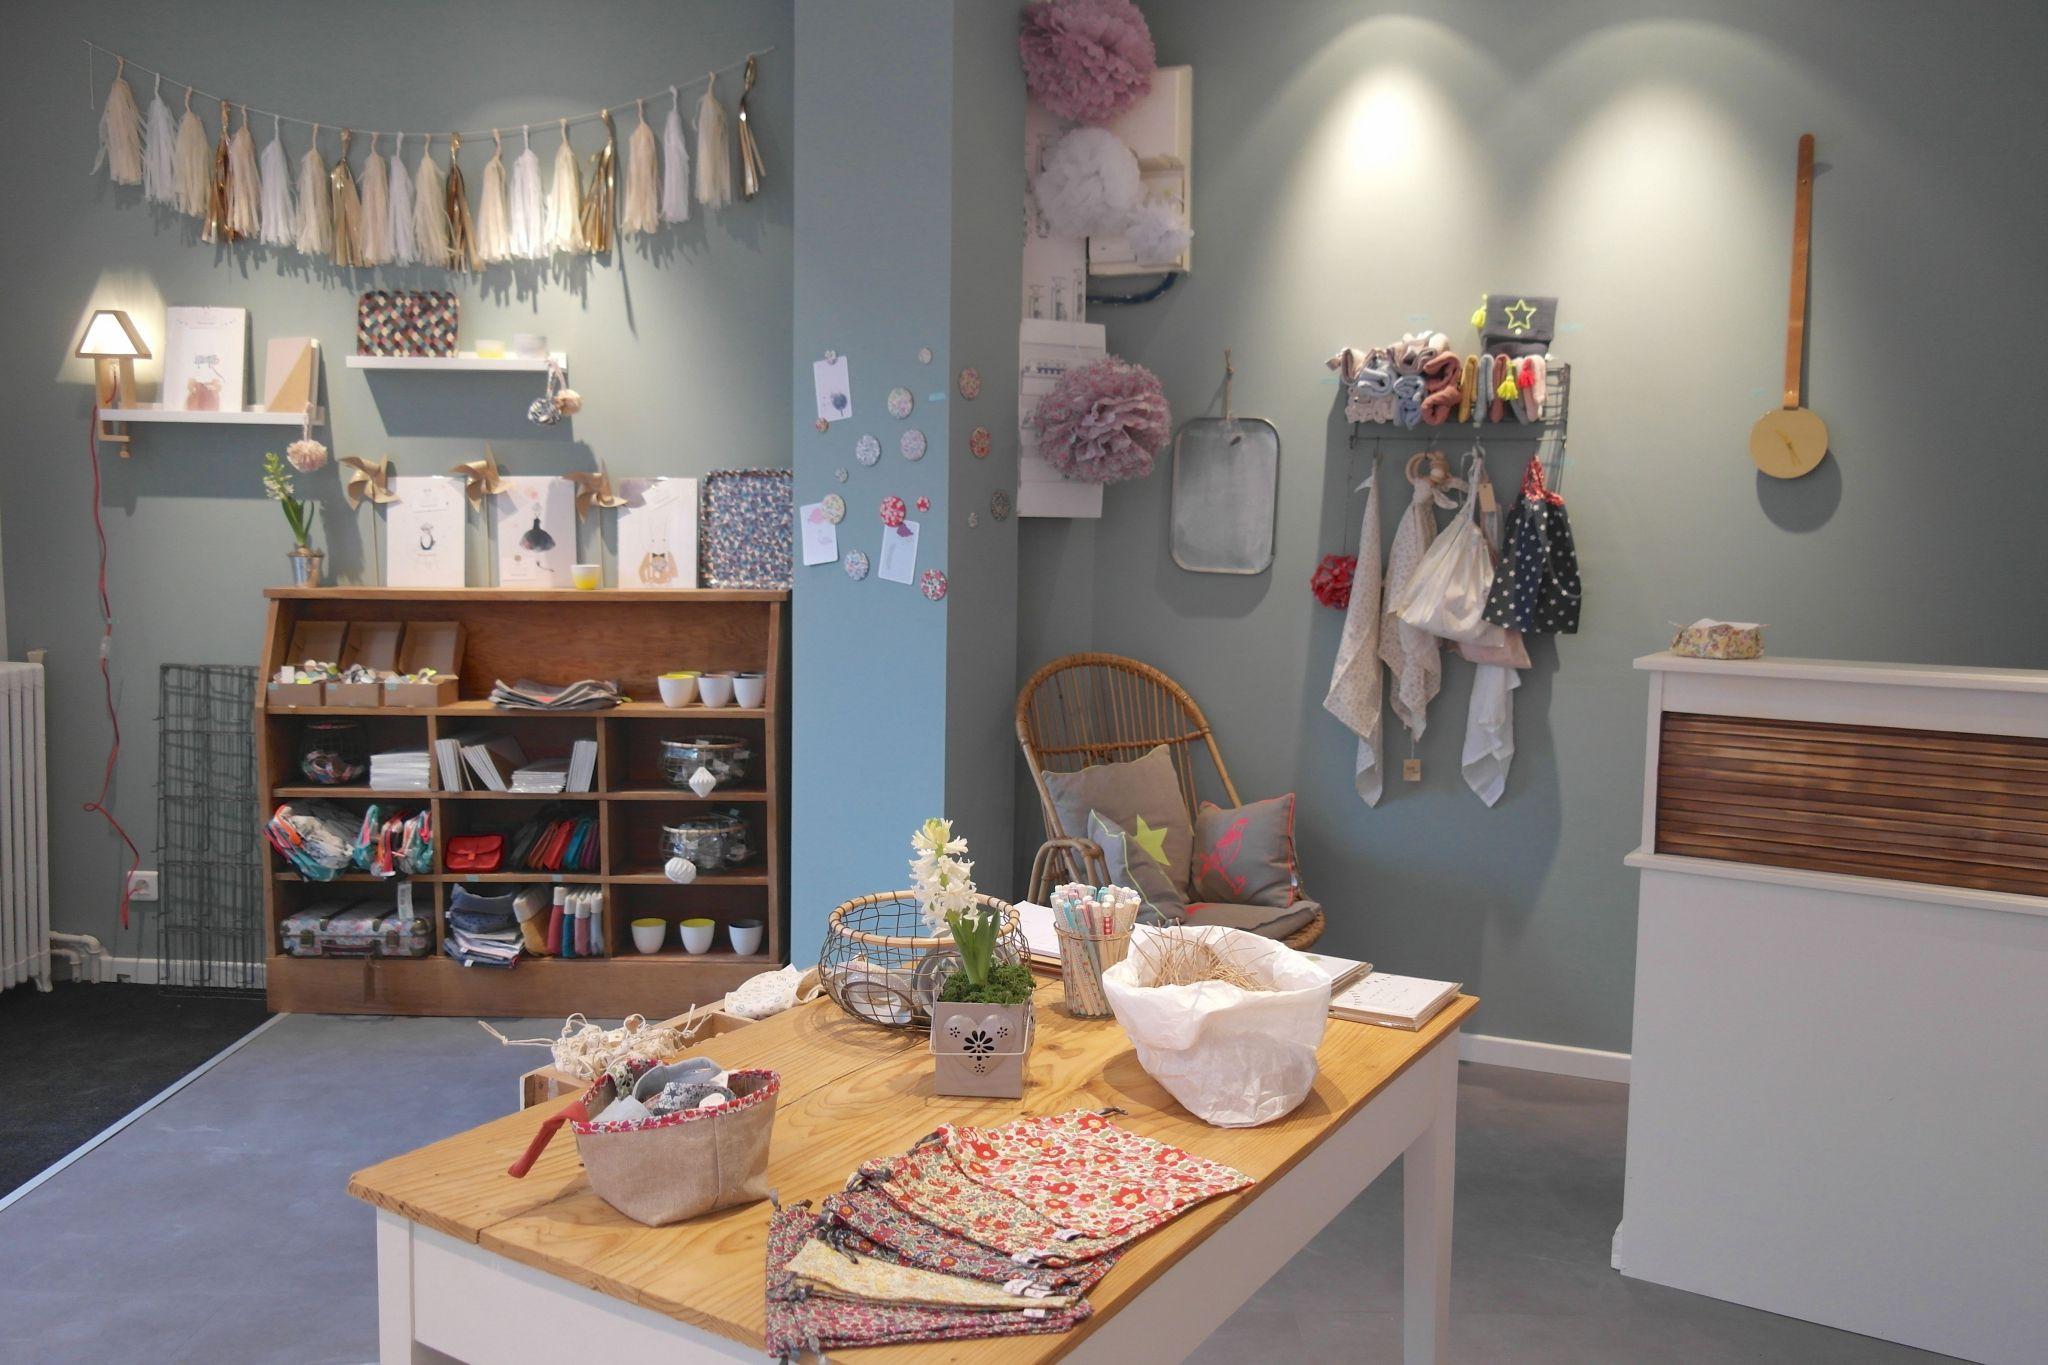 Je Vous Presente La Boutique Ernest Est Celeste Ernest Est Celeste Peinture Murale Cuisine Decoration Maison